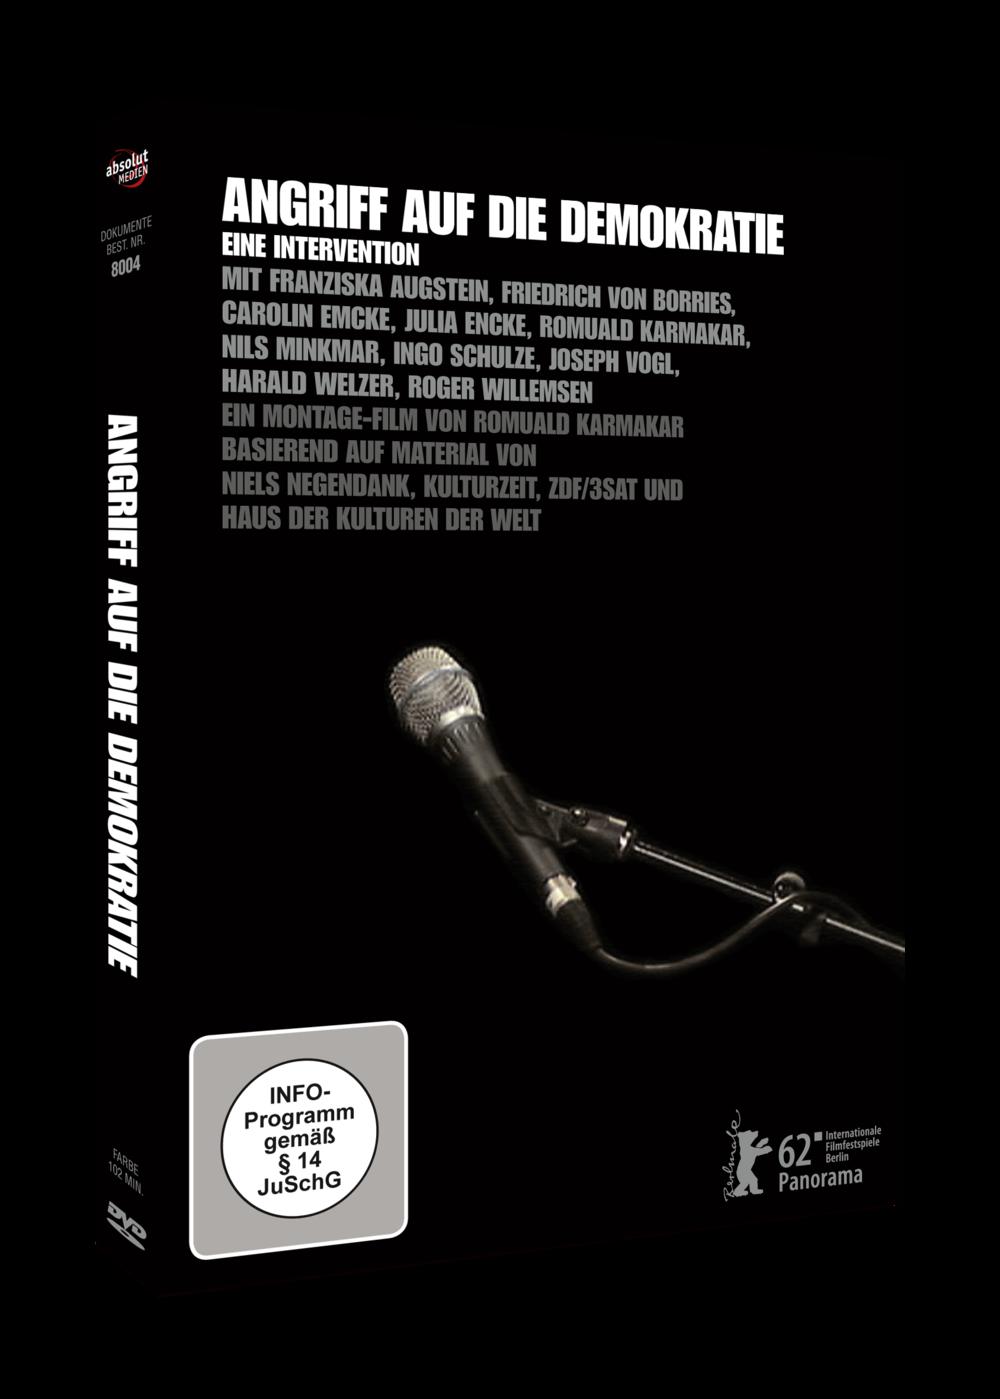 ANGRIFF AUF DIE DEMOKRATIE – EINE INTERVENTION